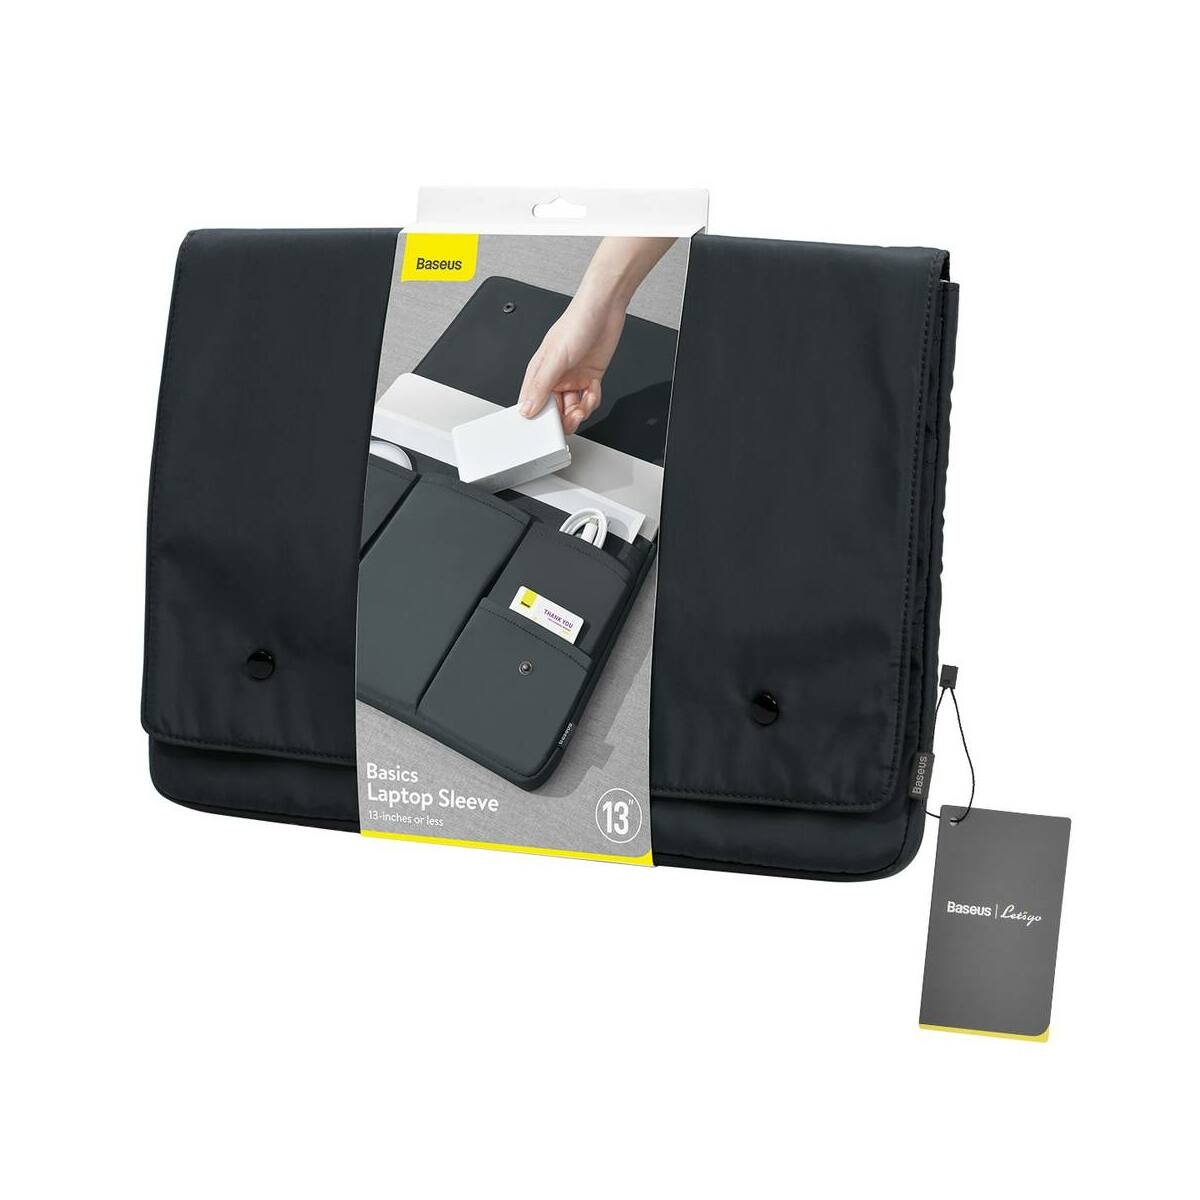 Baseus kézi táska, Basics series, laptop táska (13 inch, 315 x 230 x 20 mm), szürke (LBJN-A0G)